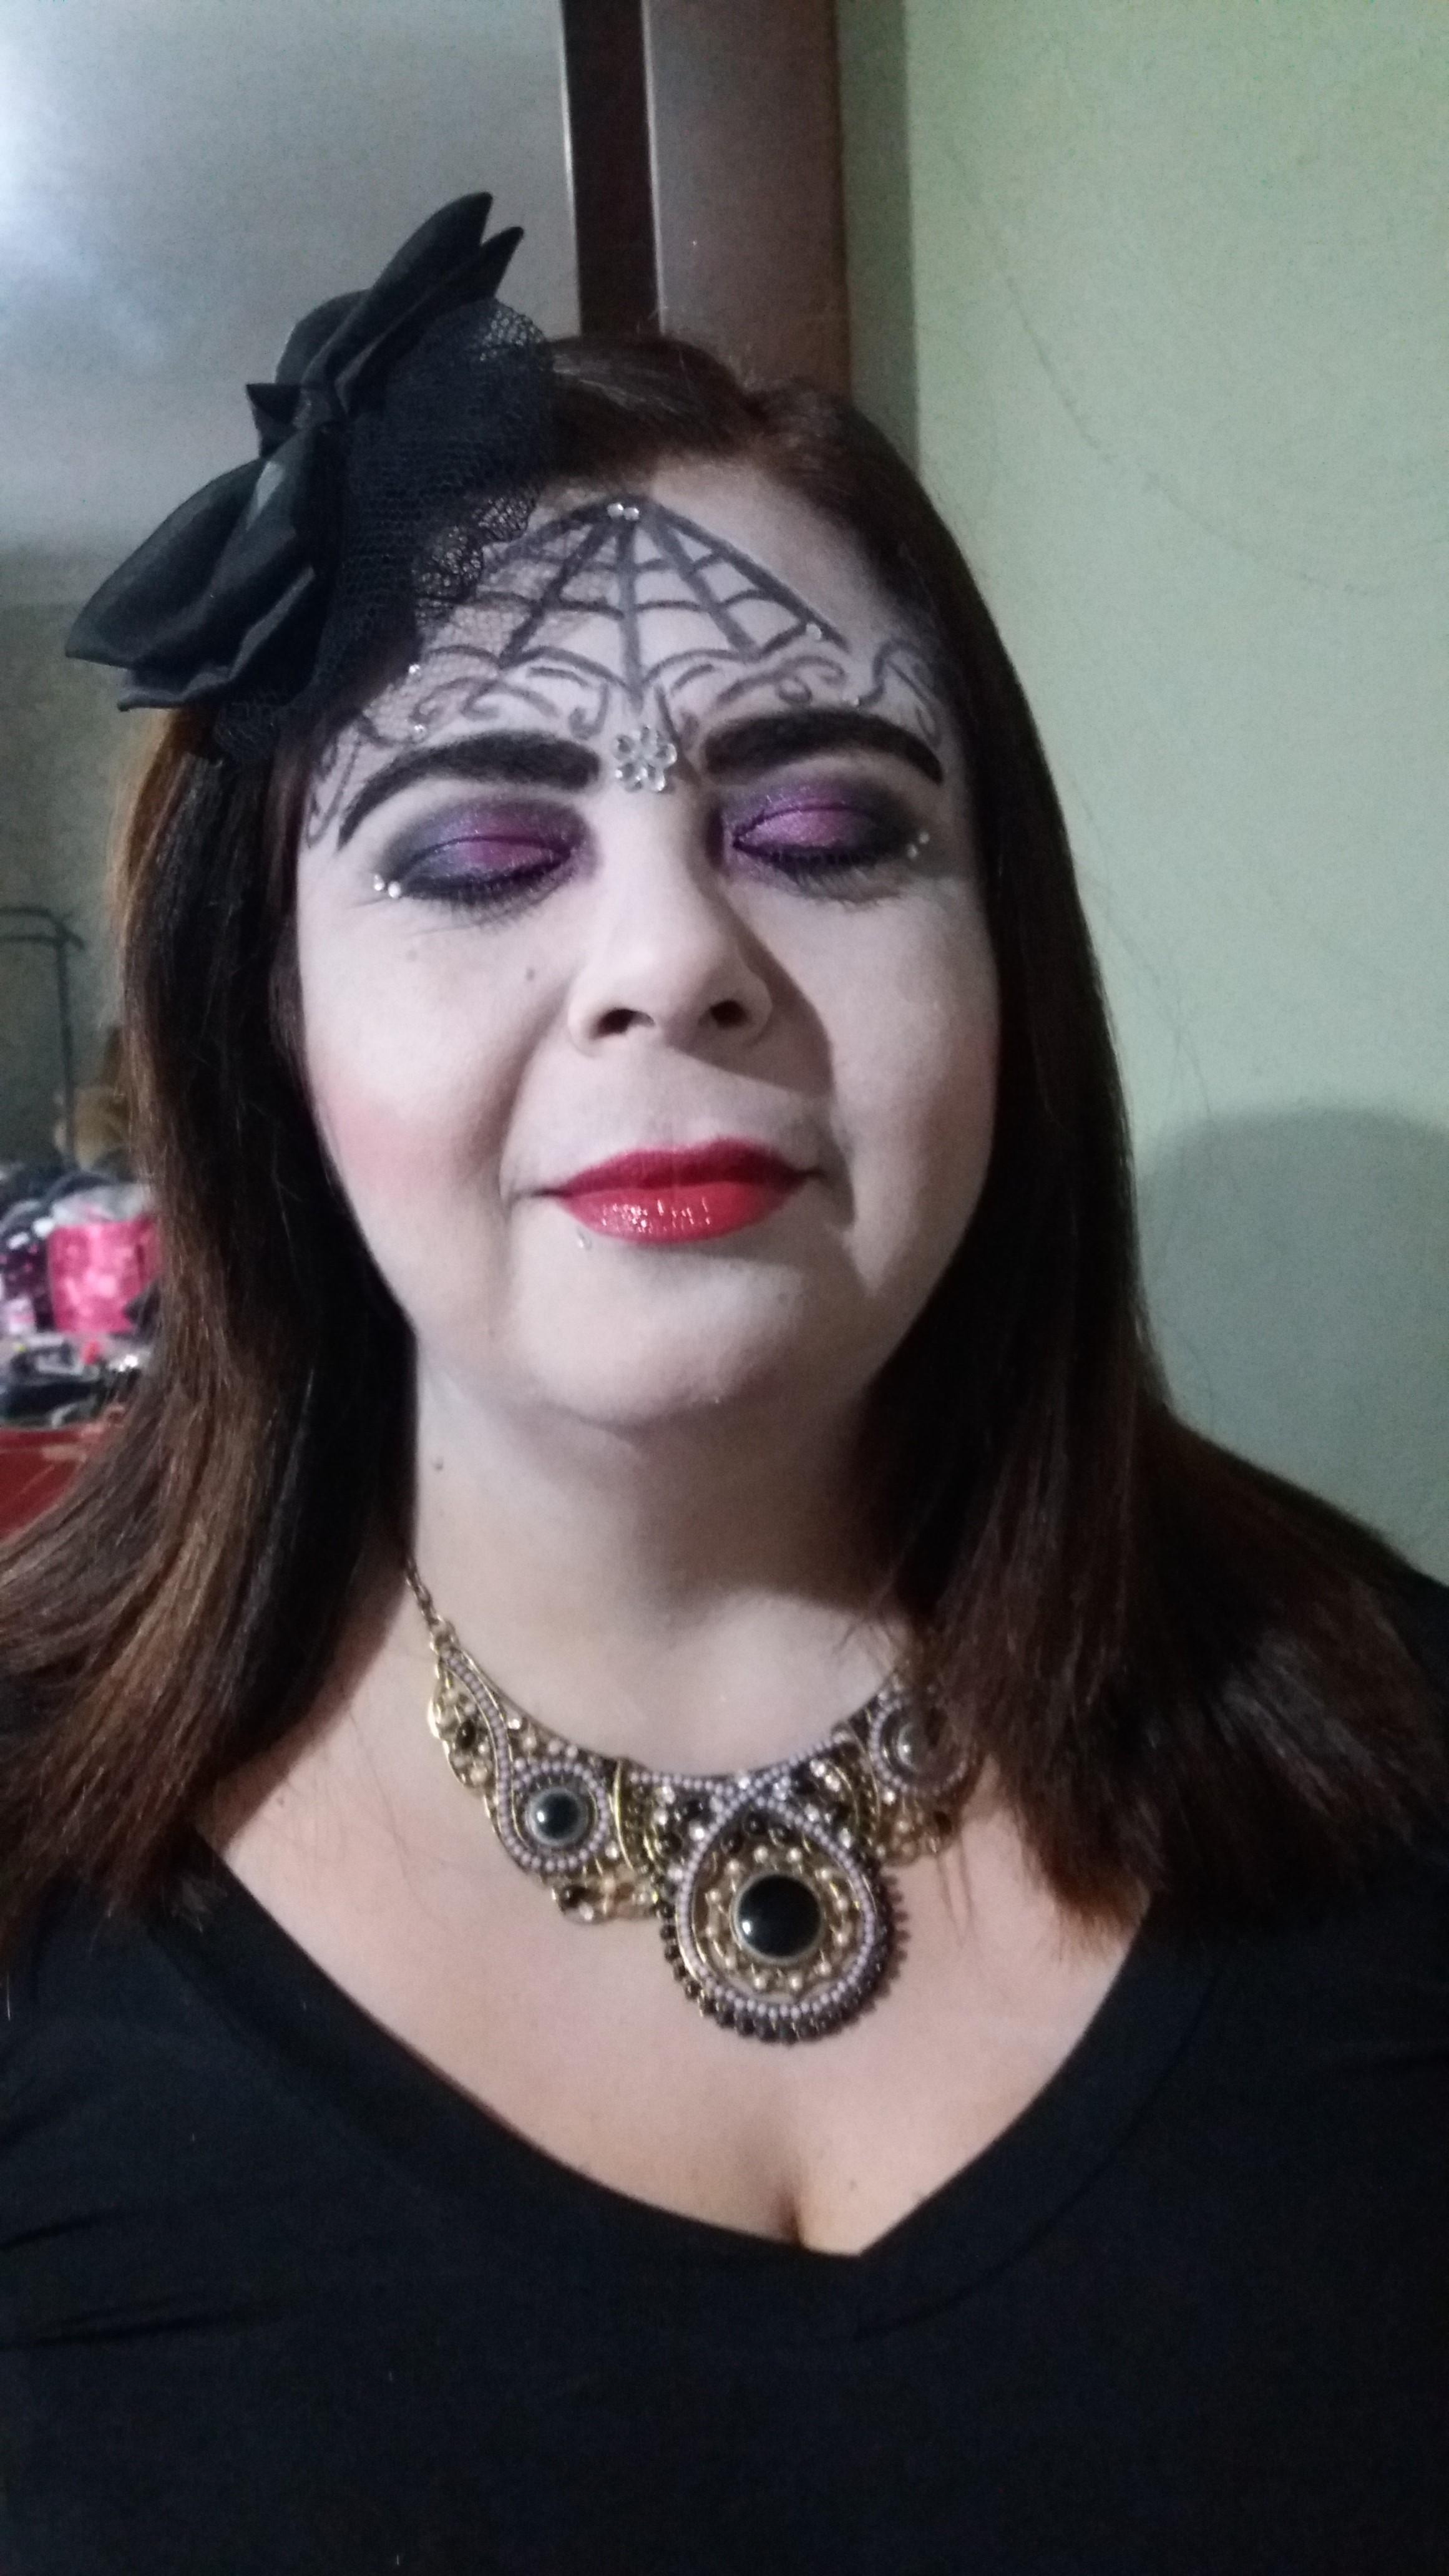 Maquiagem Artística - Festa de halloween Veja mais no meu Blog Vaidosas de Batom:  www.vaidosasdebatom.com maquiagem maquiador(a) docente / professor(a)